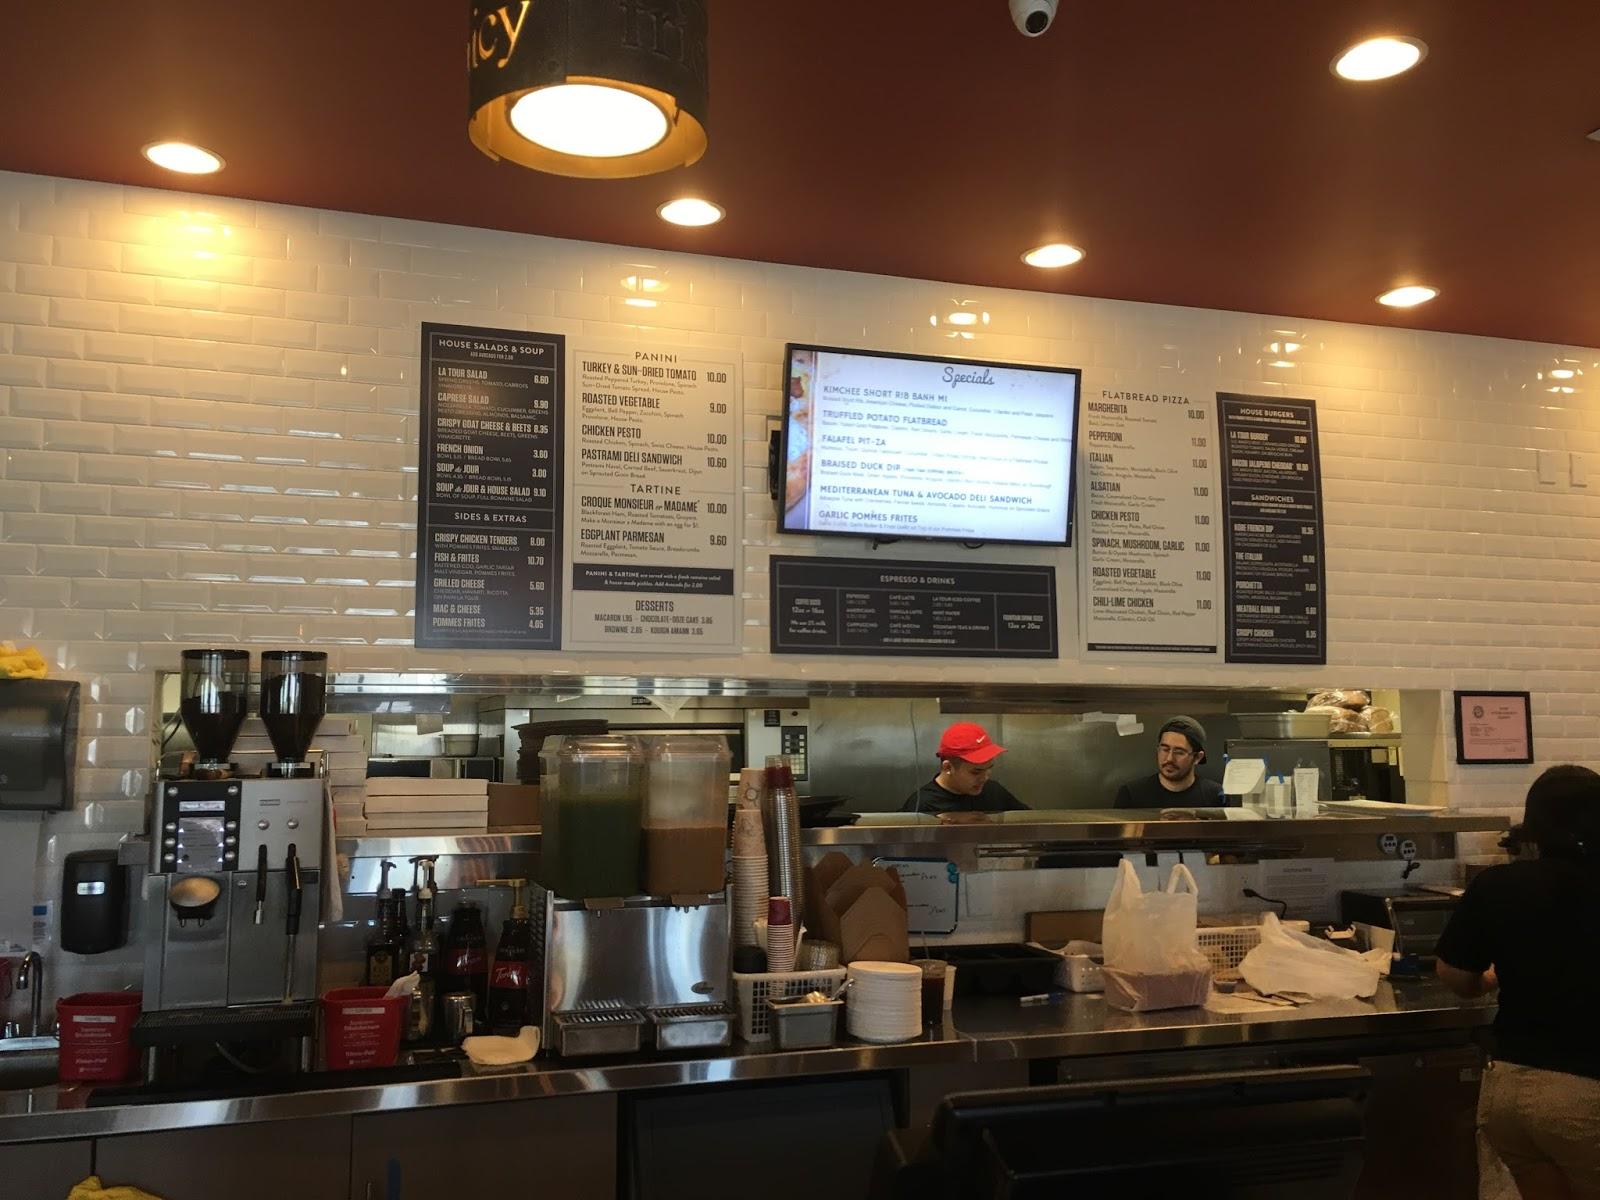 La Tour Cafe Macarons Menu